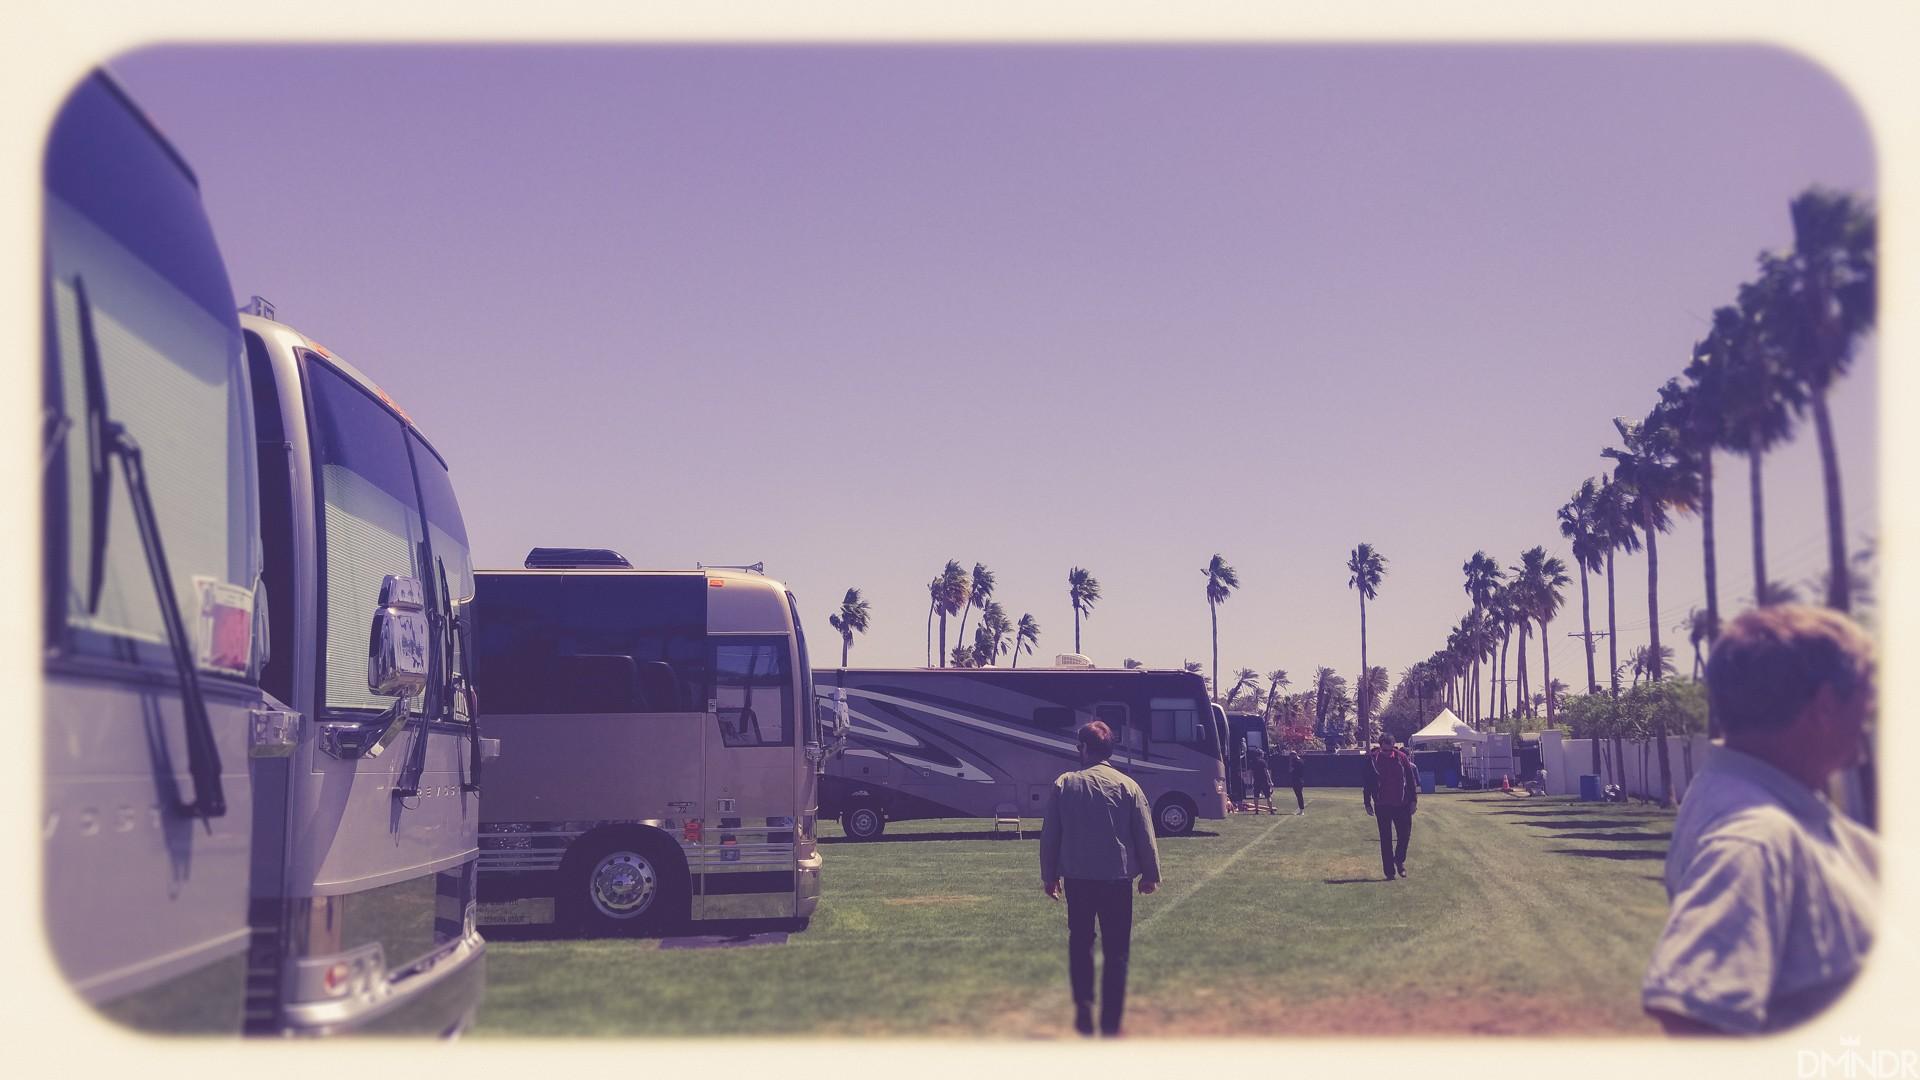 Tour bus parking lot at Coachella